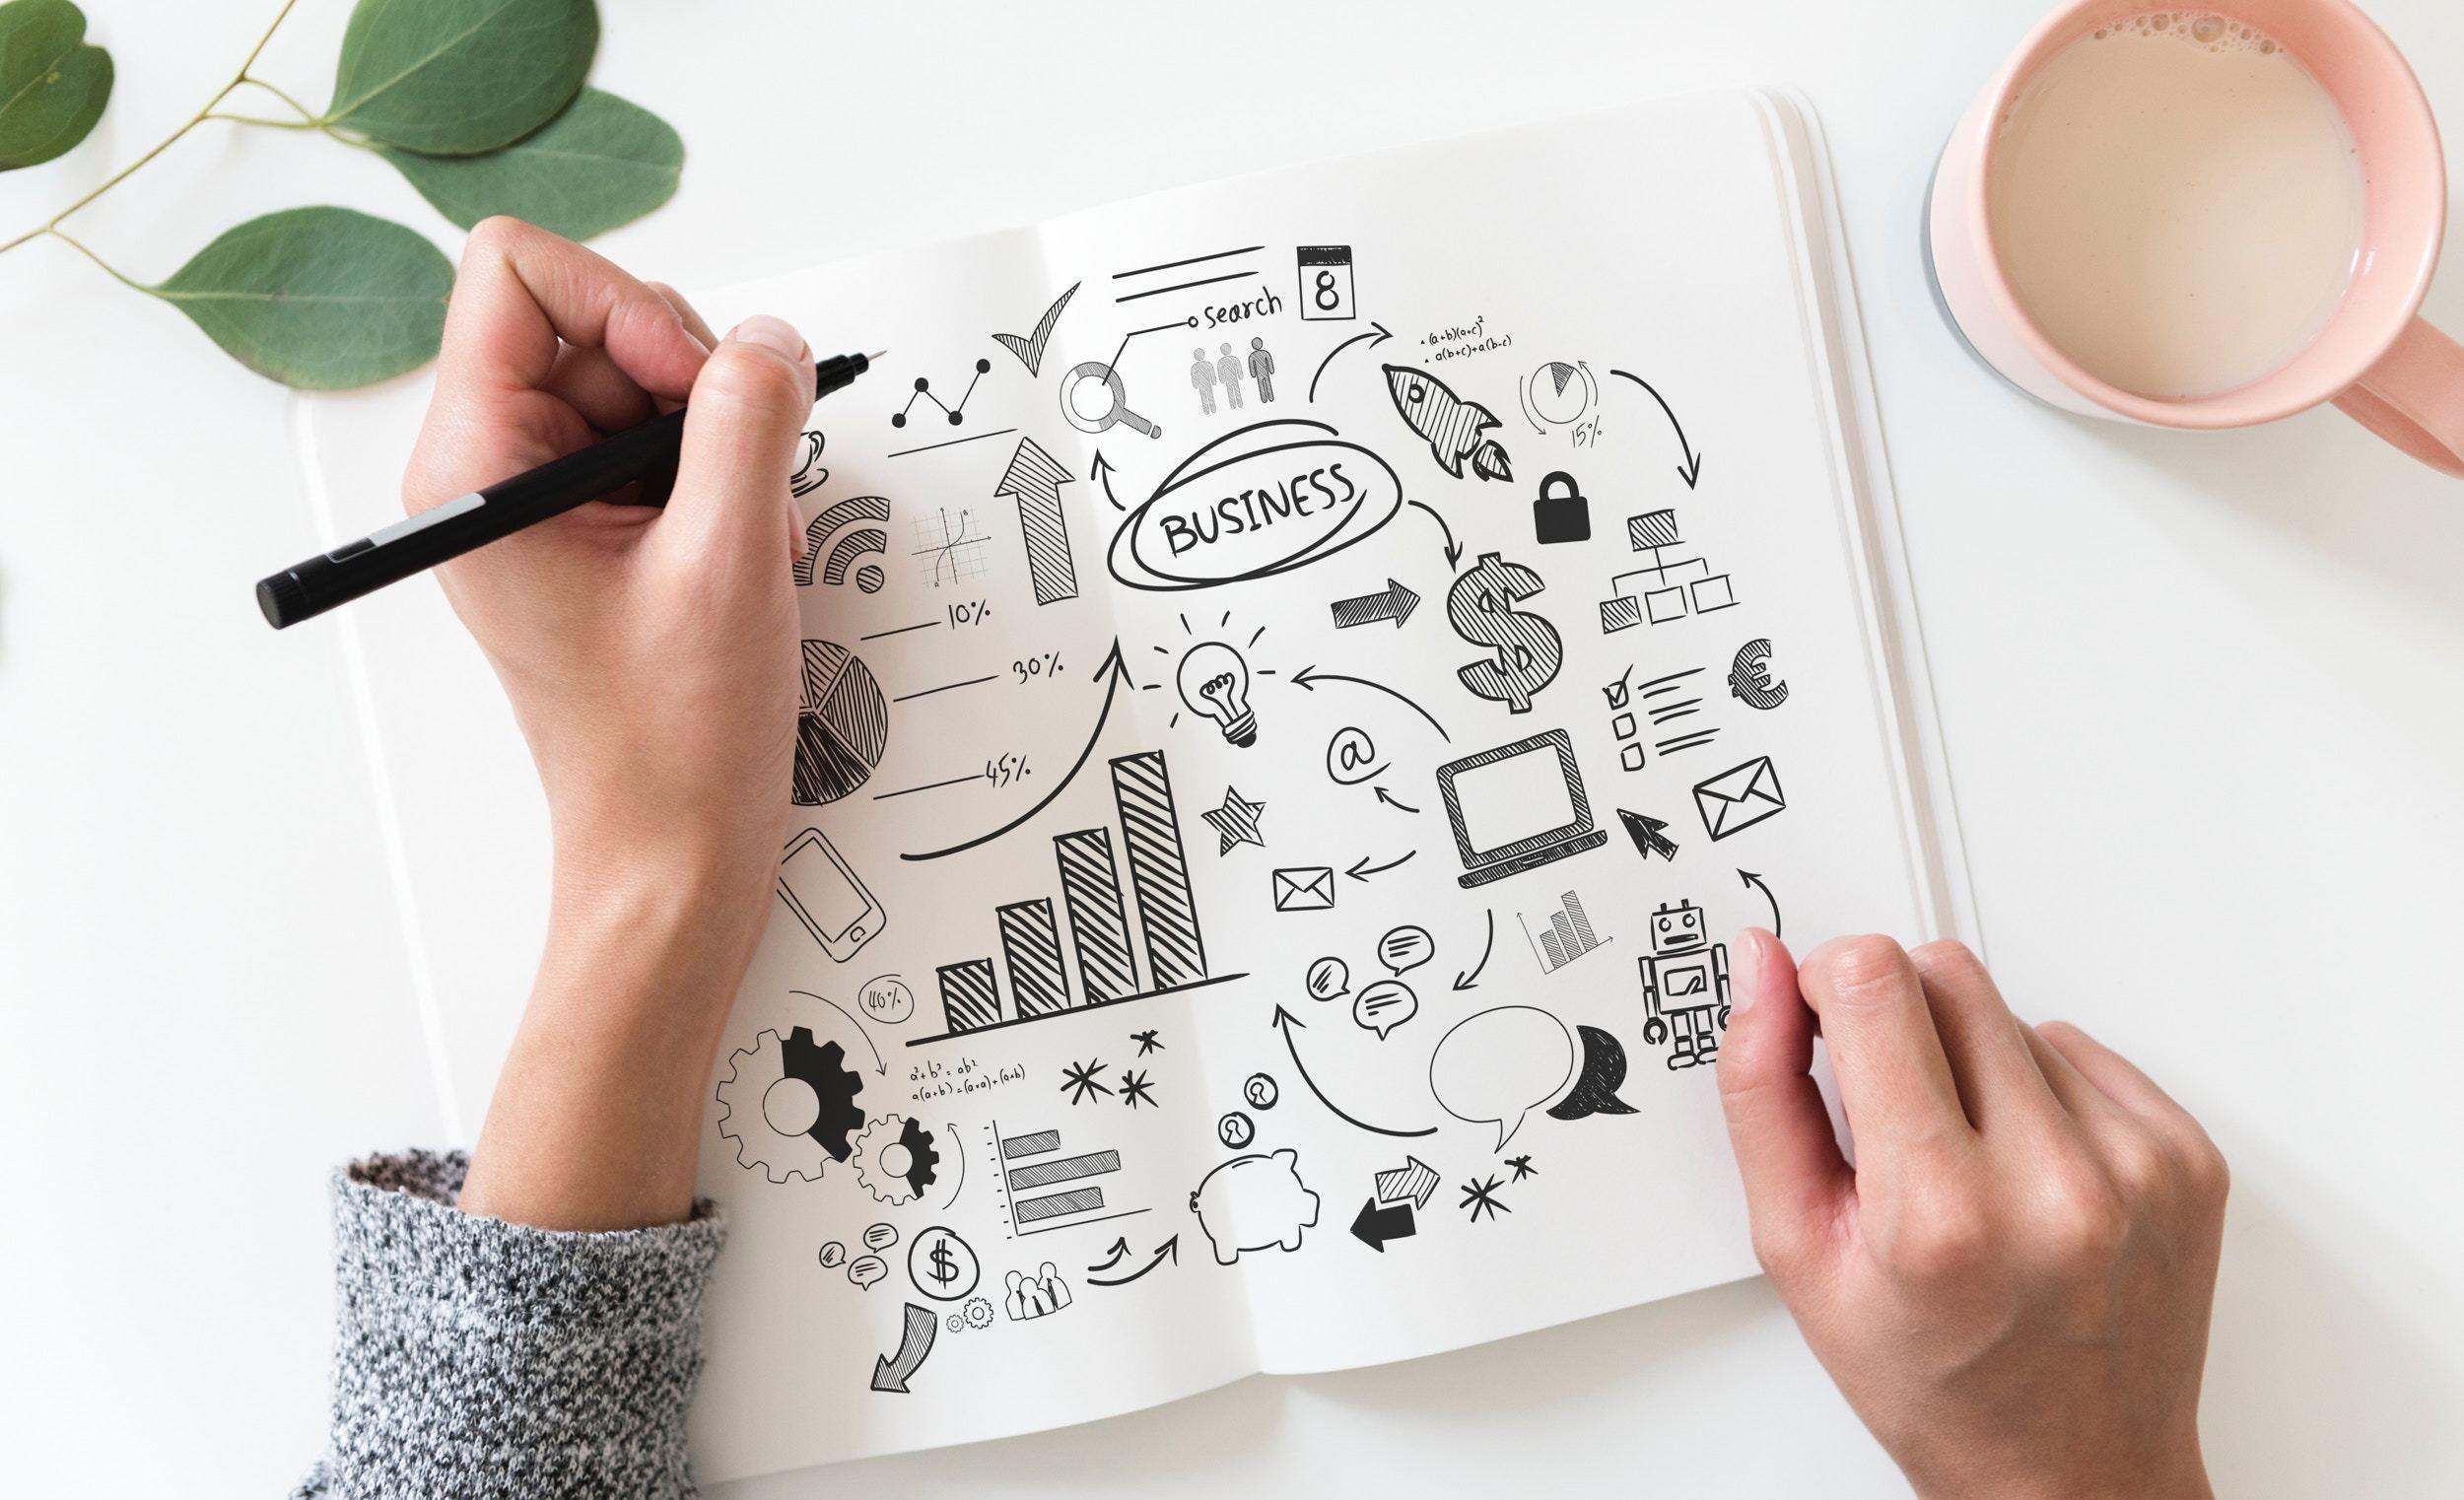 ナーブ株式会社におけるコーポレートページ、LPページ制作及びDTPデザイン業務